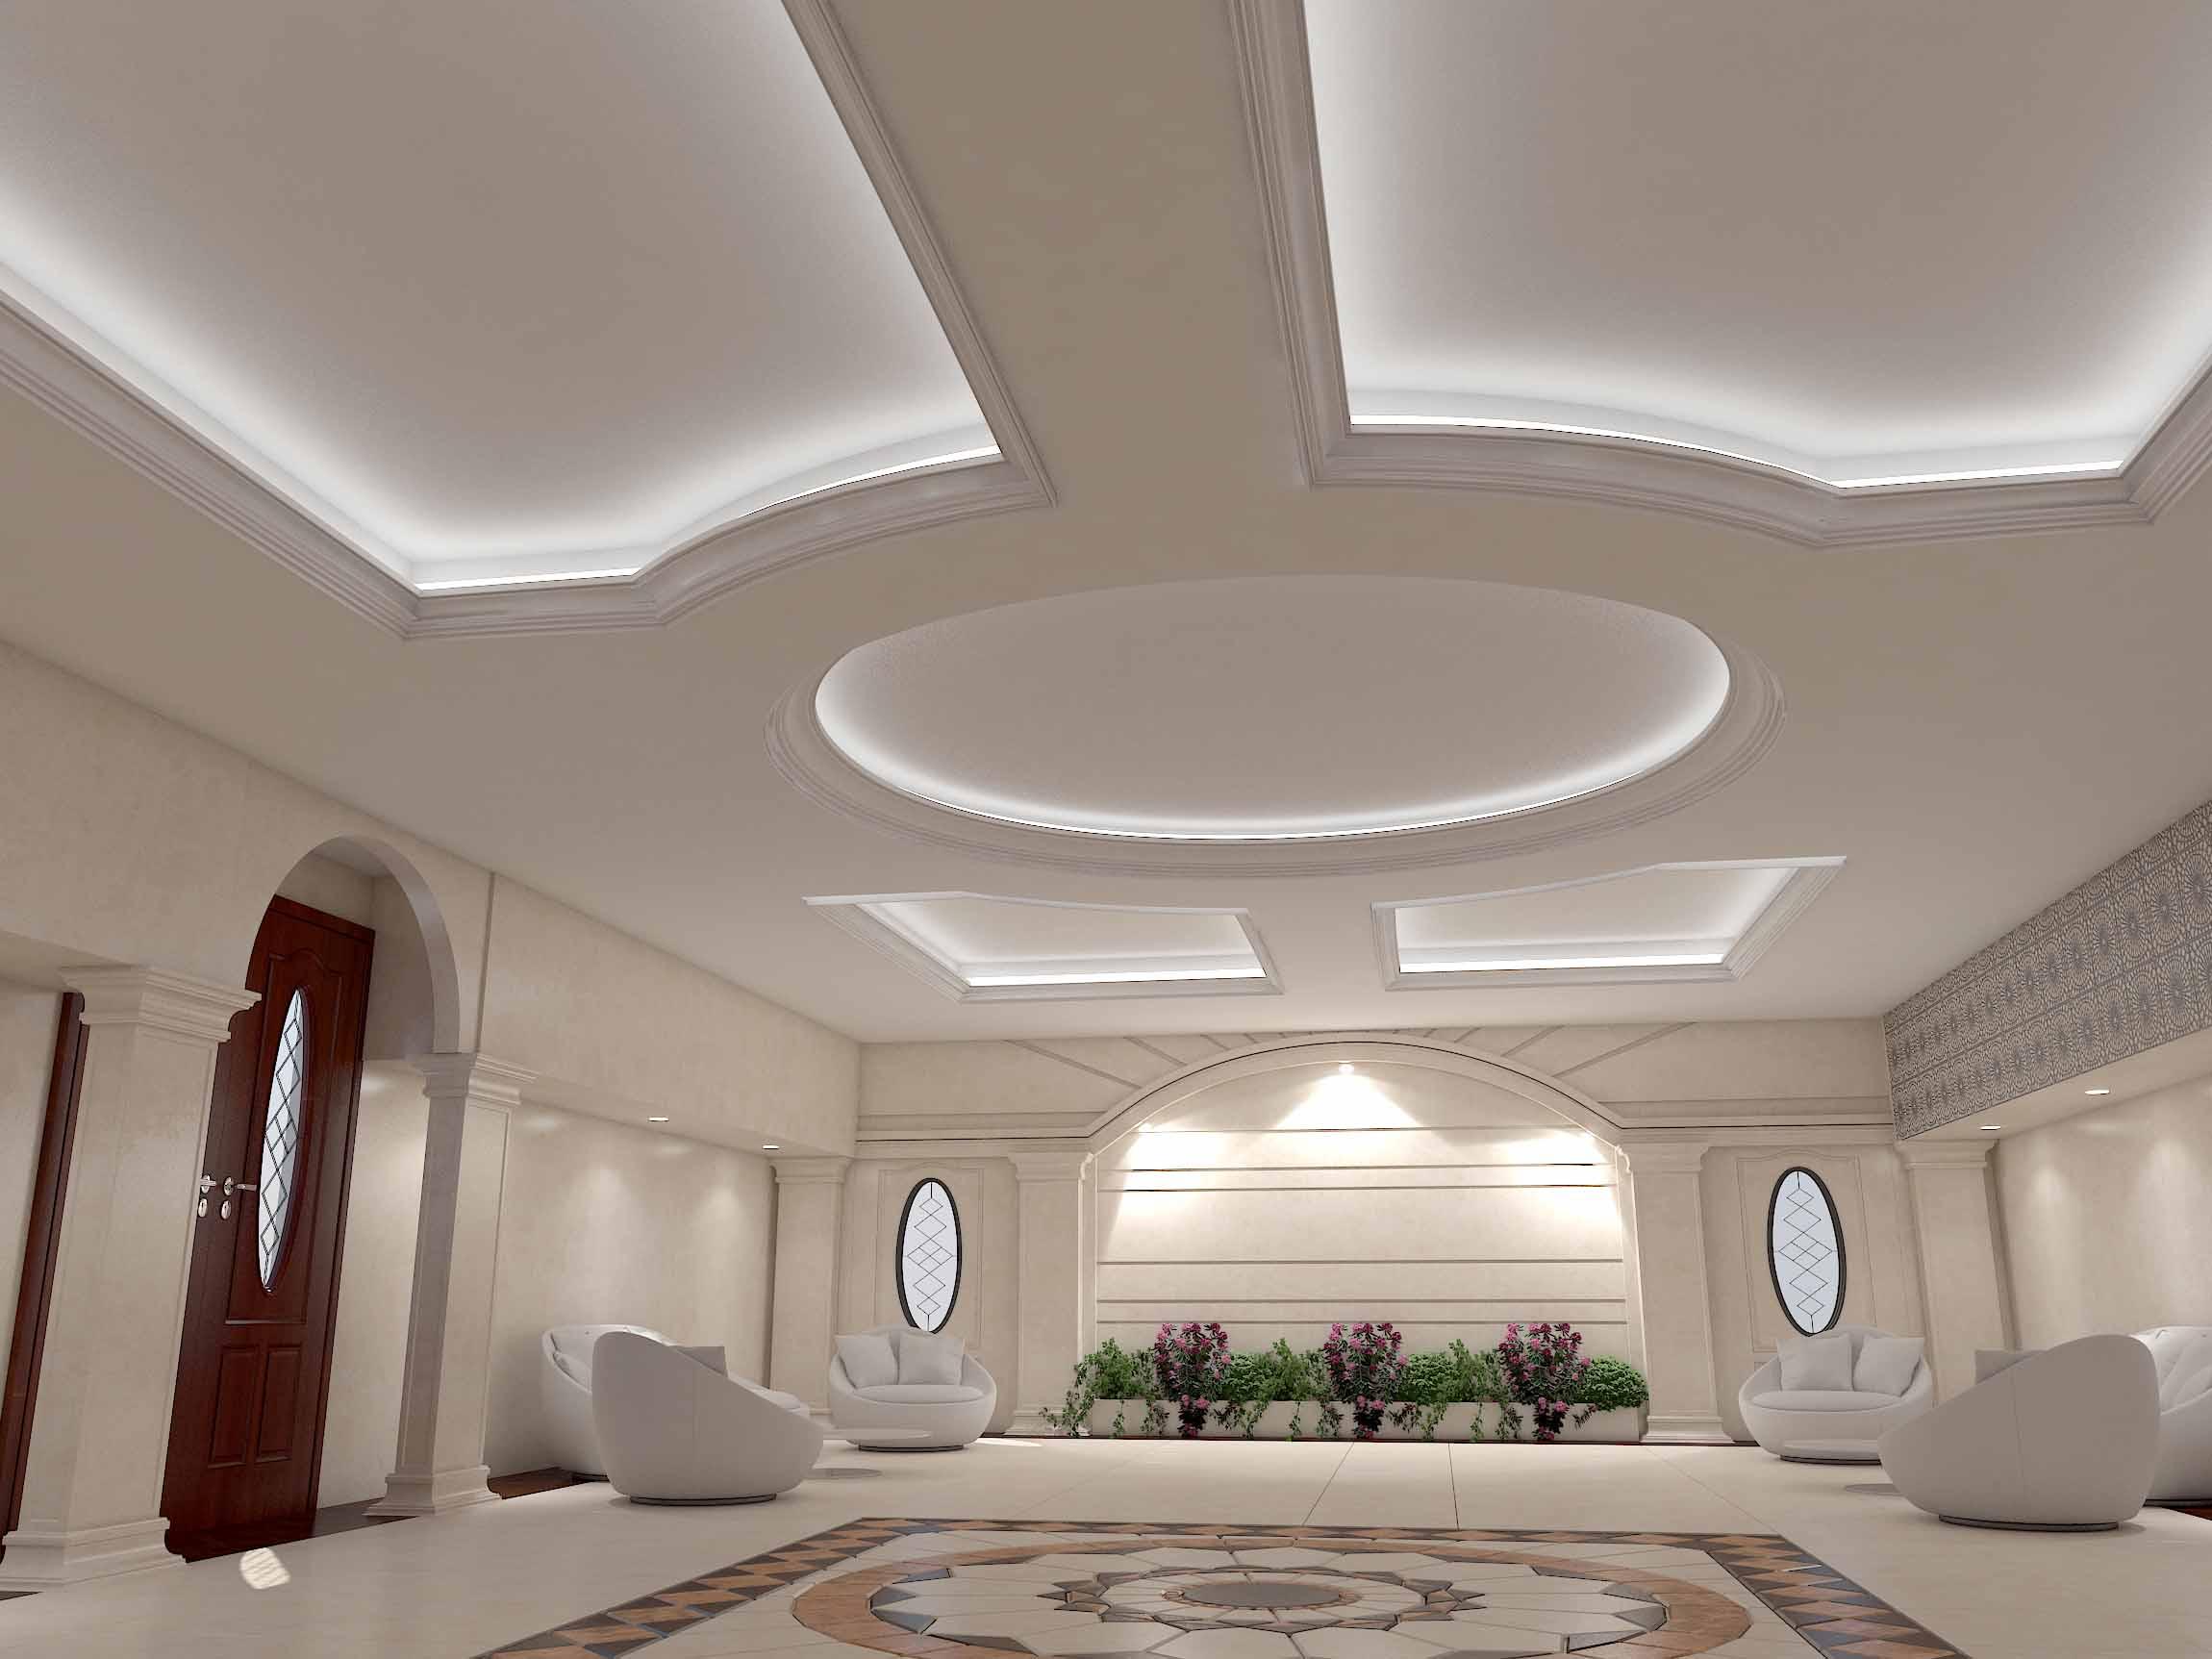 دکوراسیون داخلی طراحی داخلی